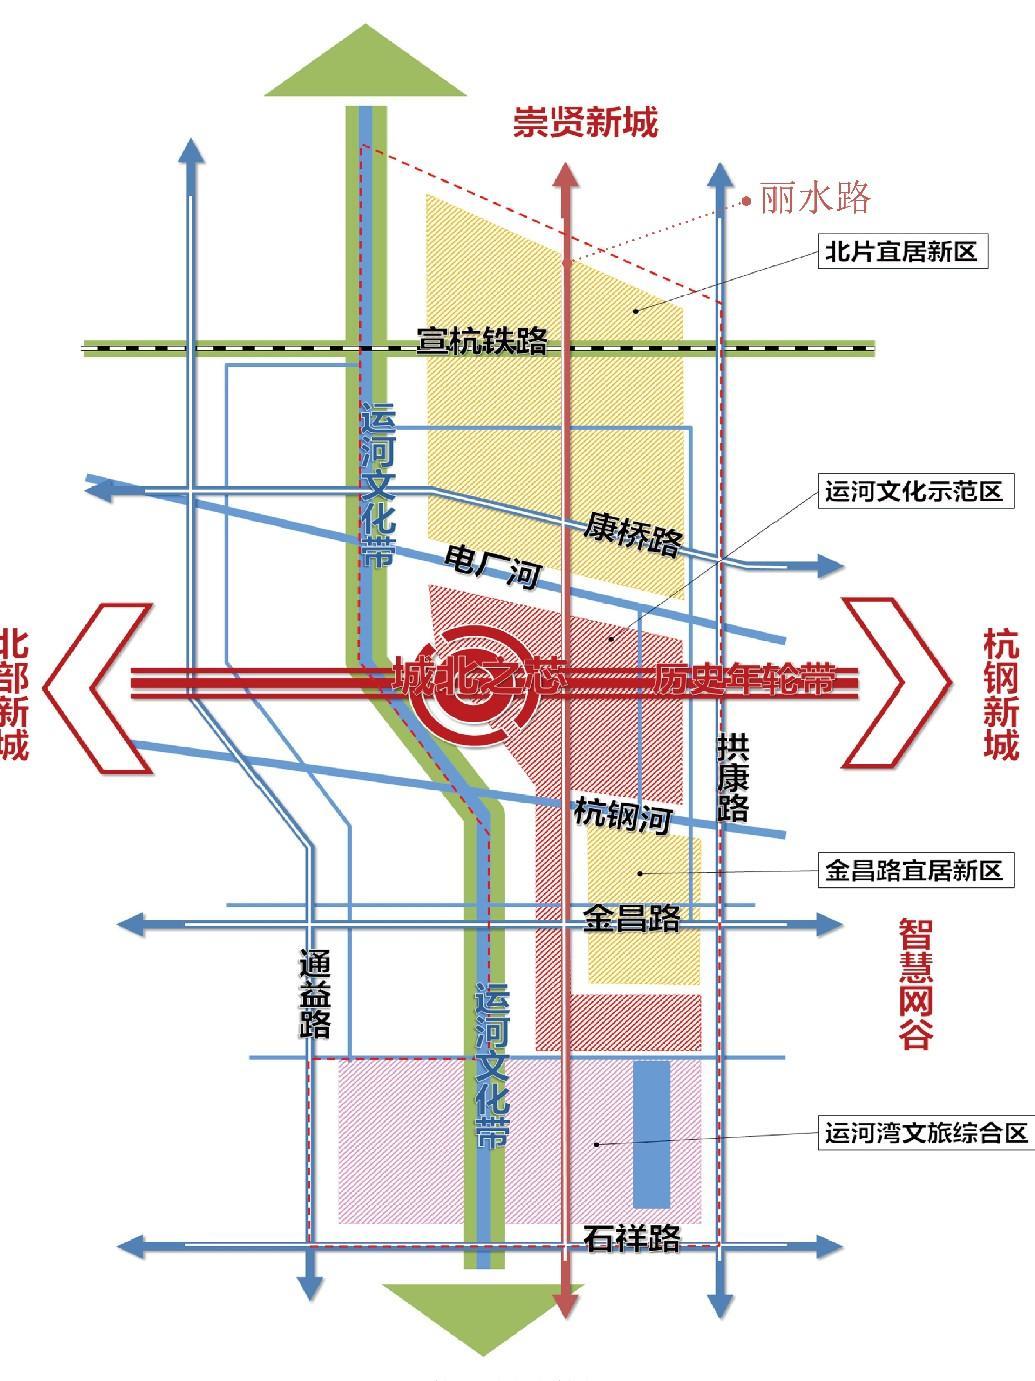 杭州大运河核心区这条路要通了!串联地标级公园项目!